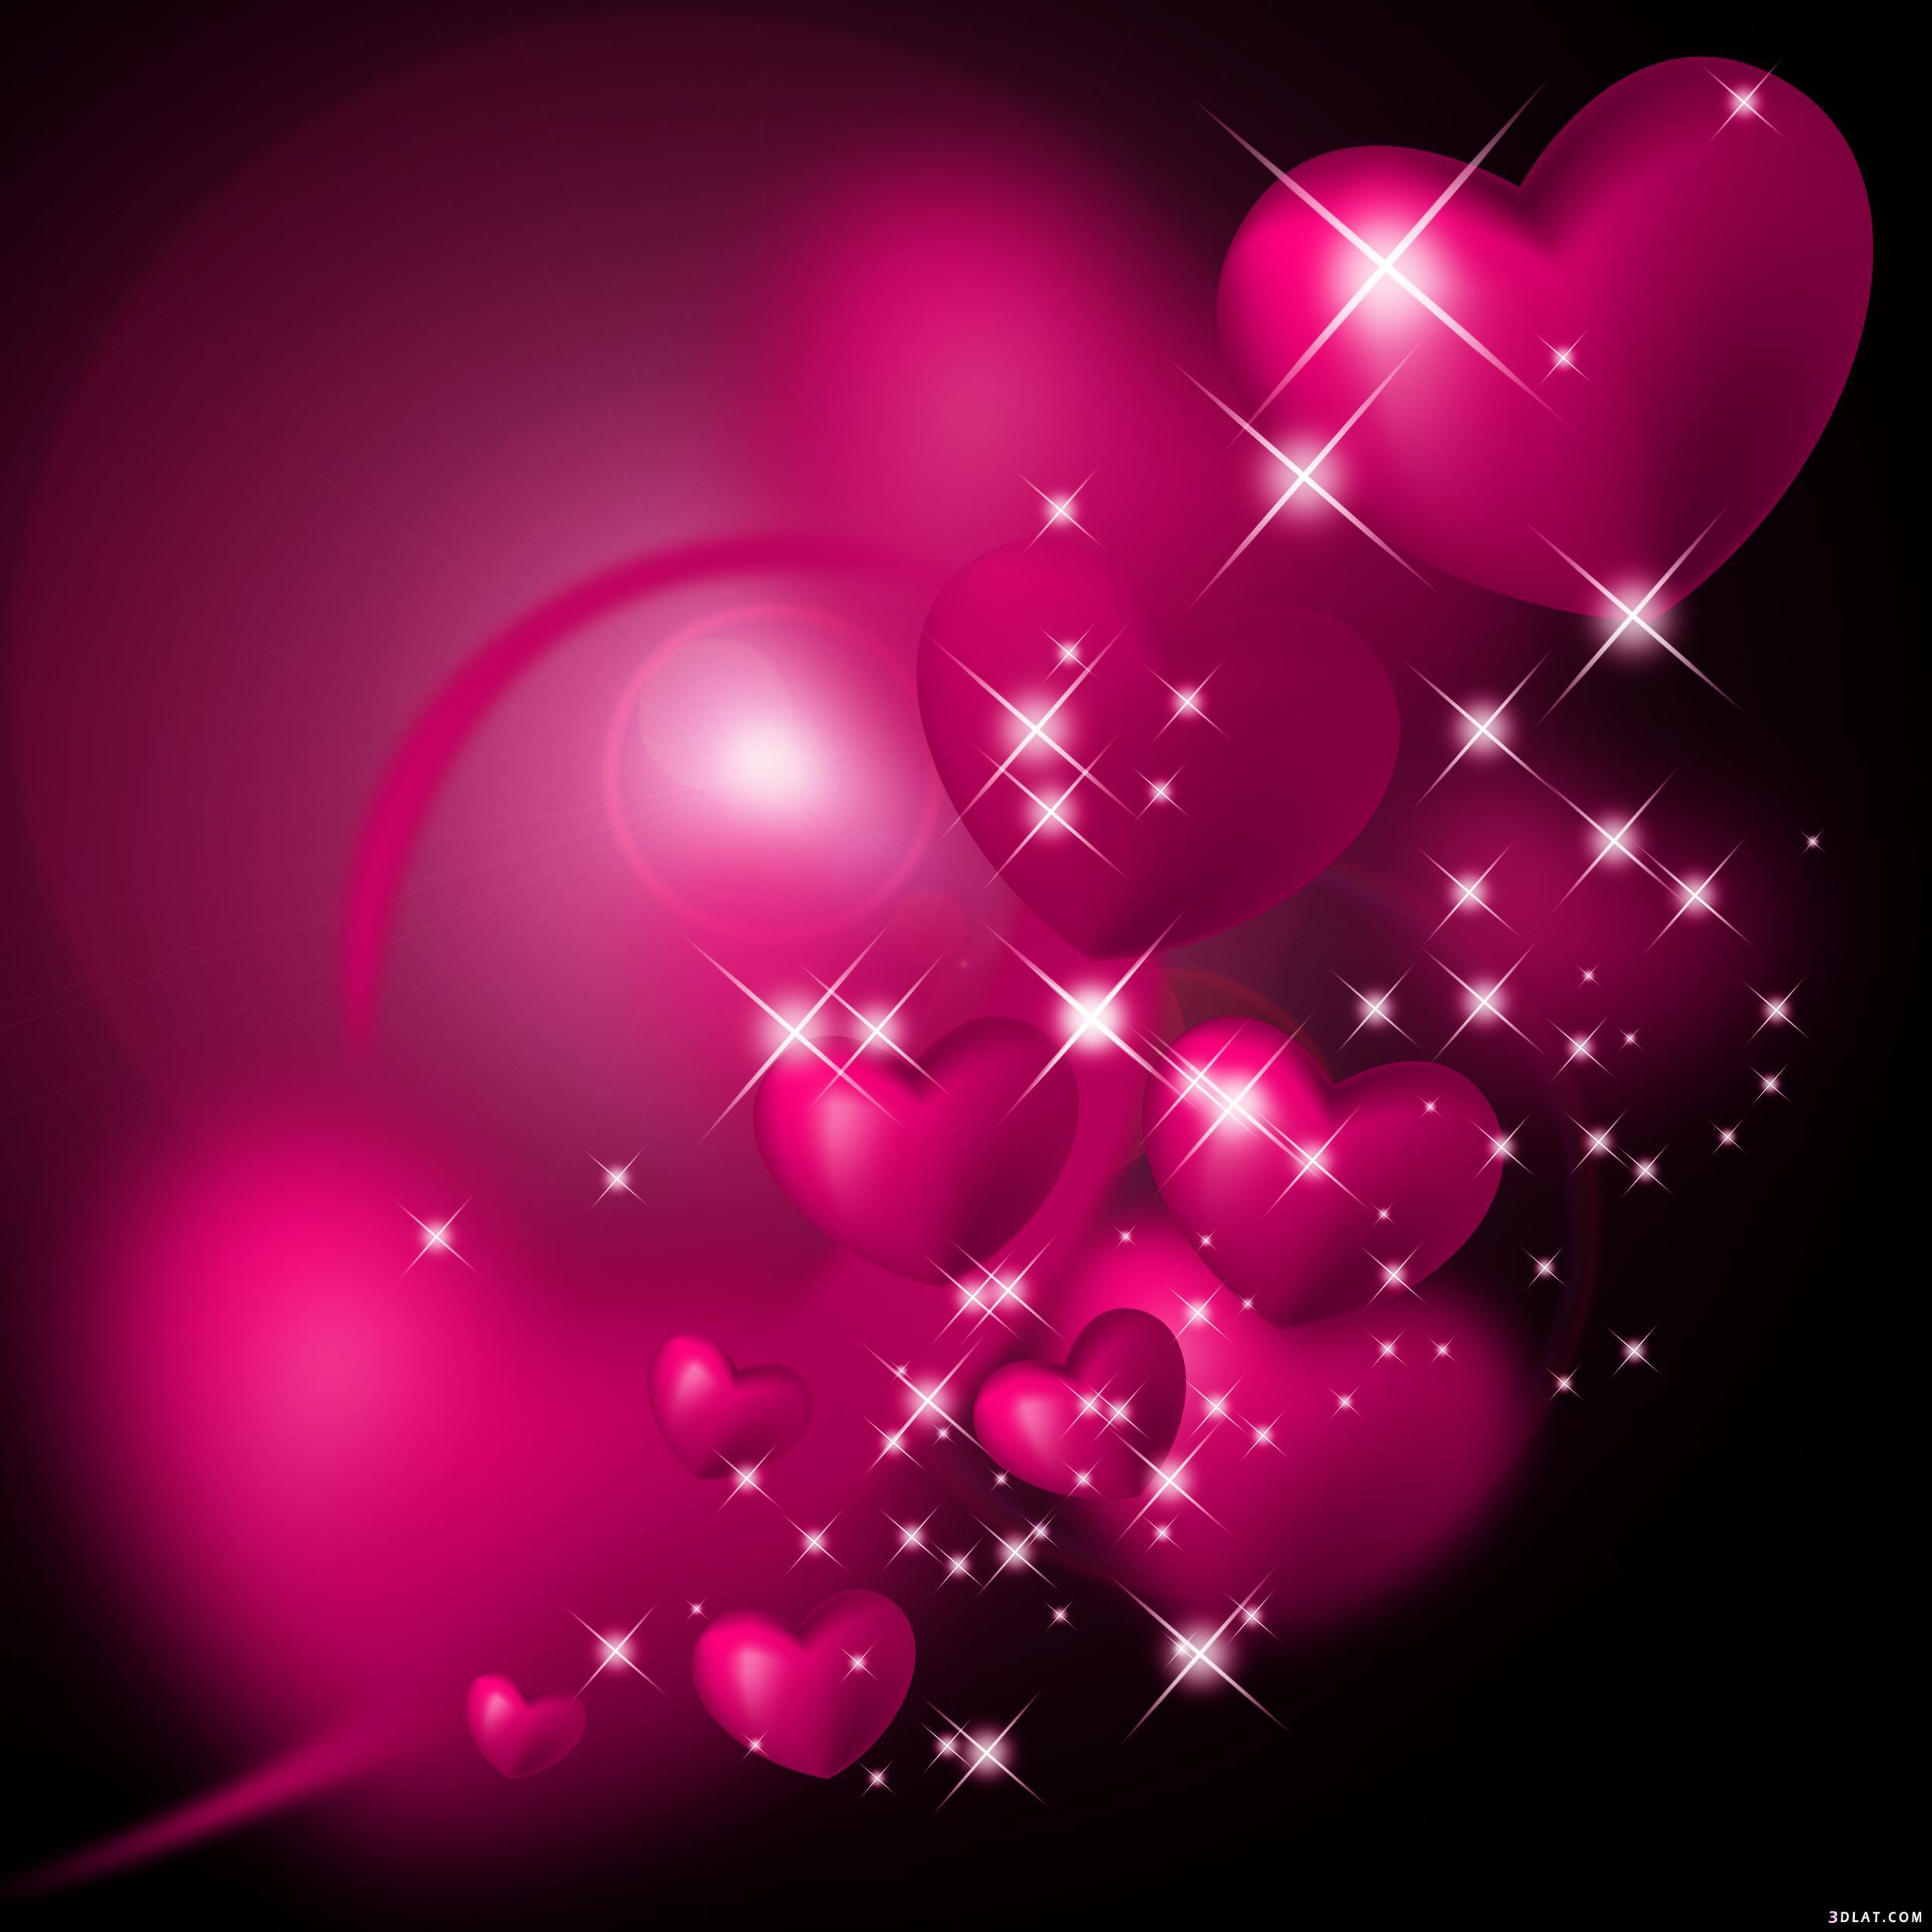 خلفيات حب رومانسية صو حب للتصميم صور